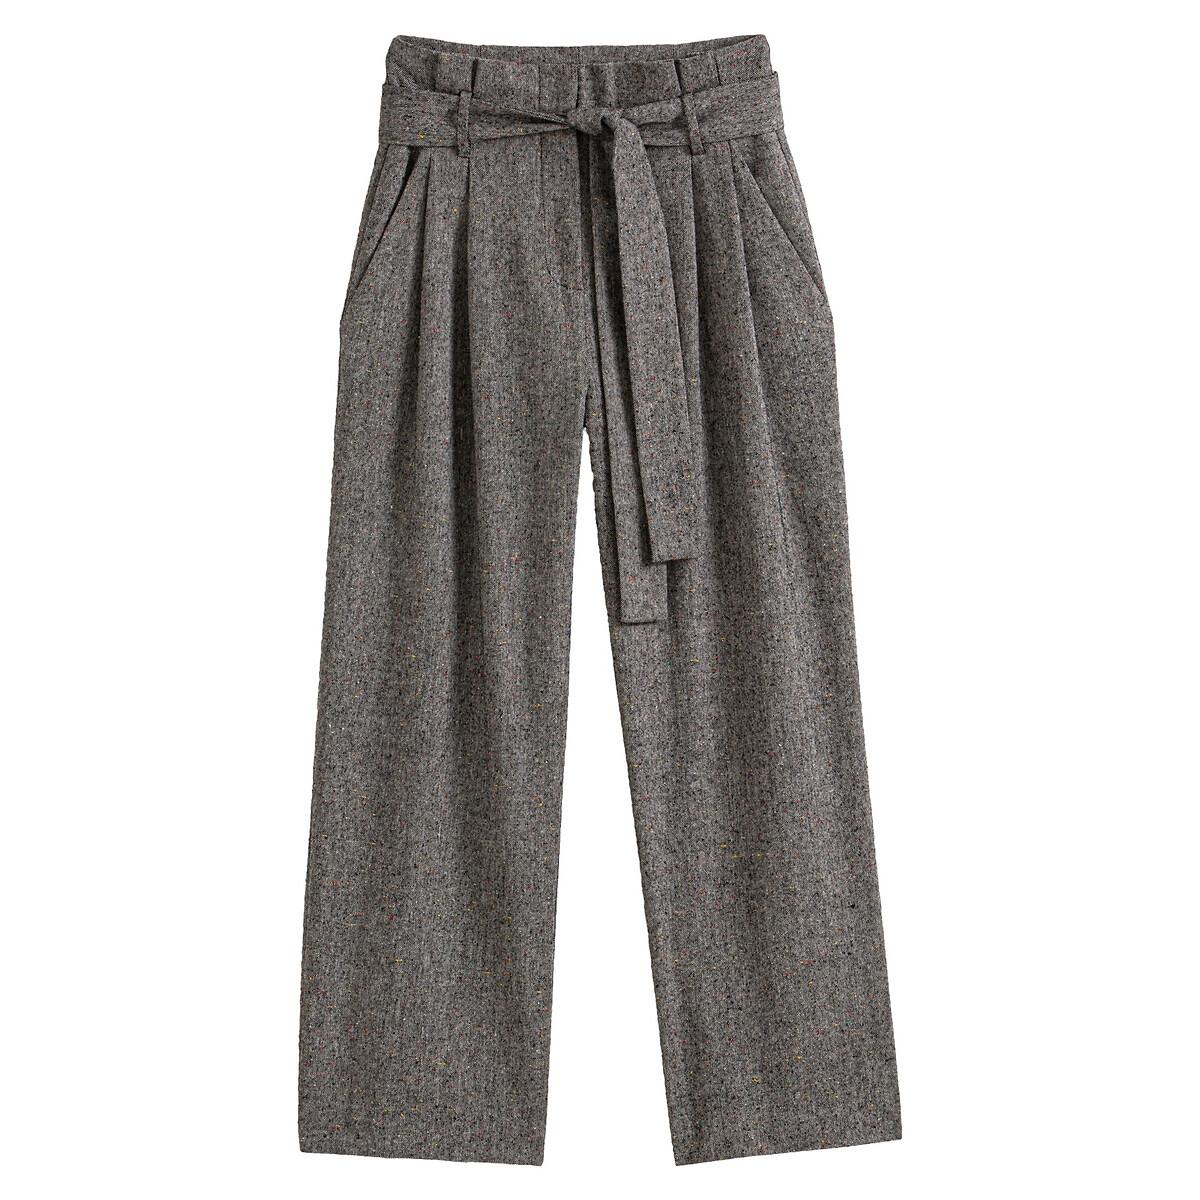 Calças largas em tweed, cintura subida, com cinto